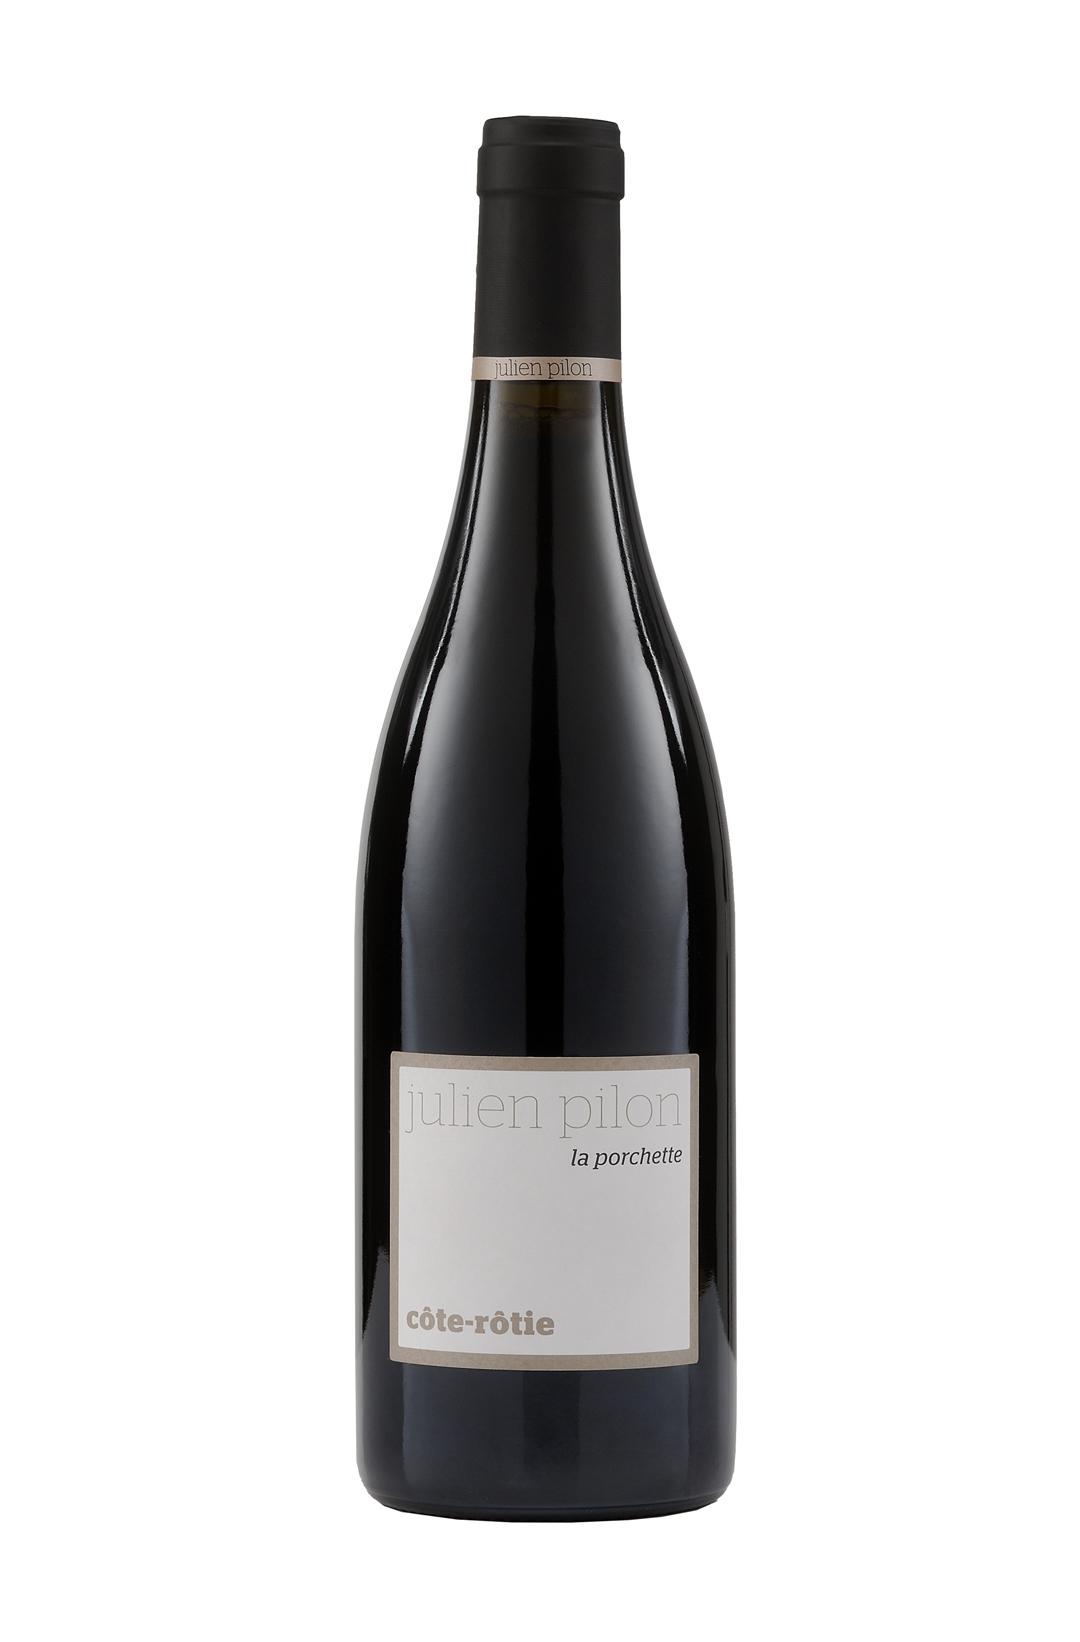 Cuvée AOC Côte-Rôtie La porchette vin rouge